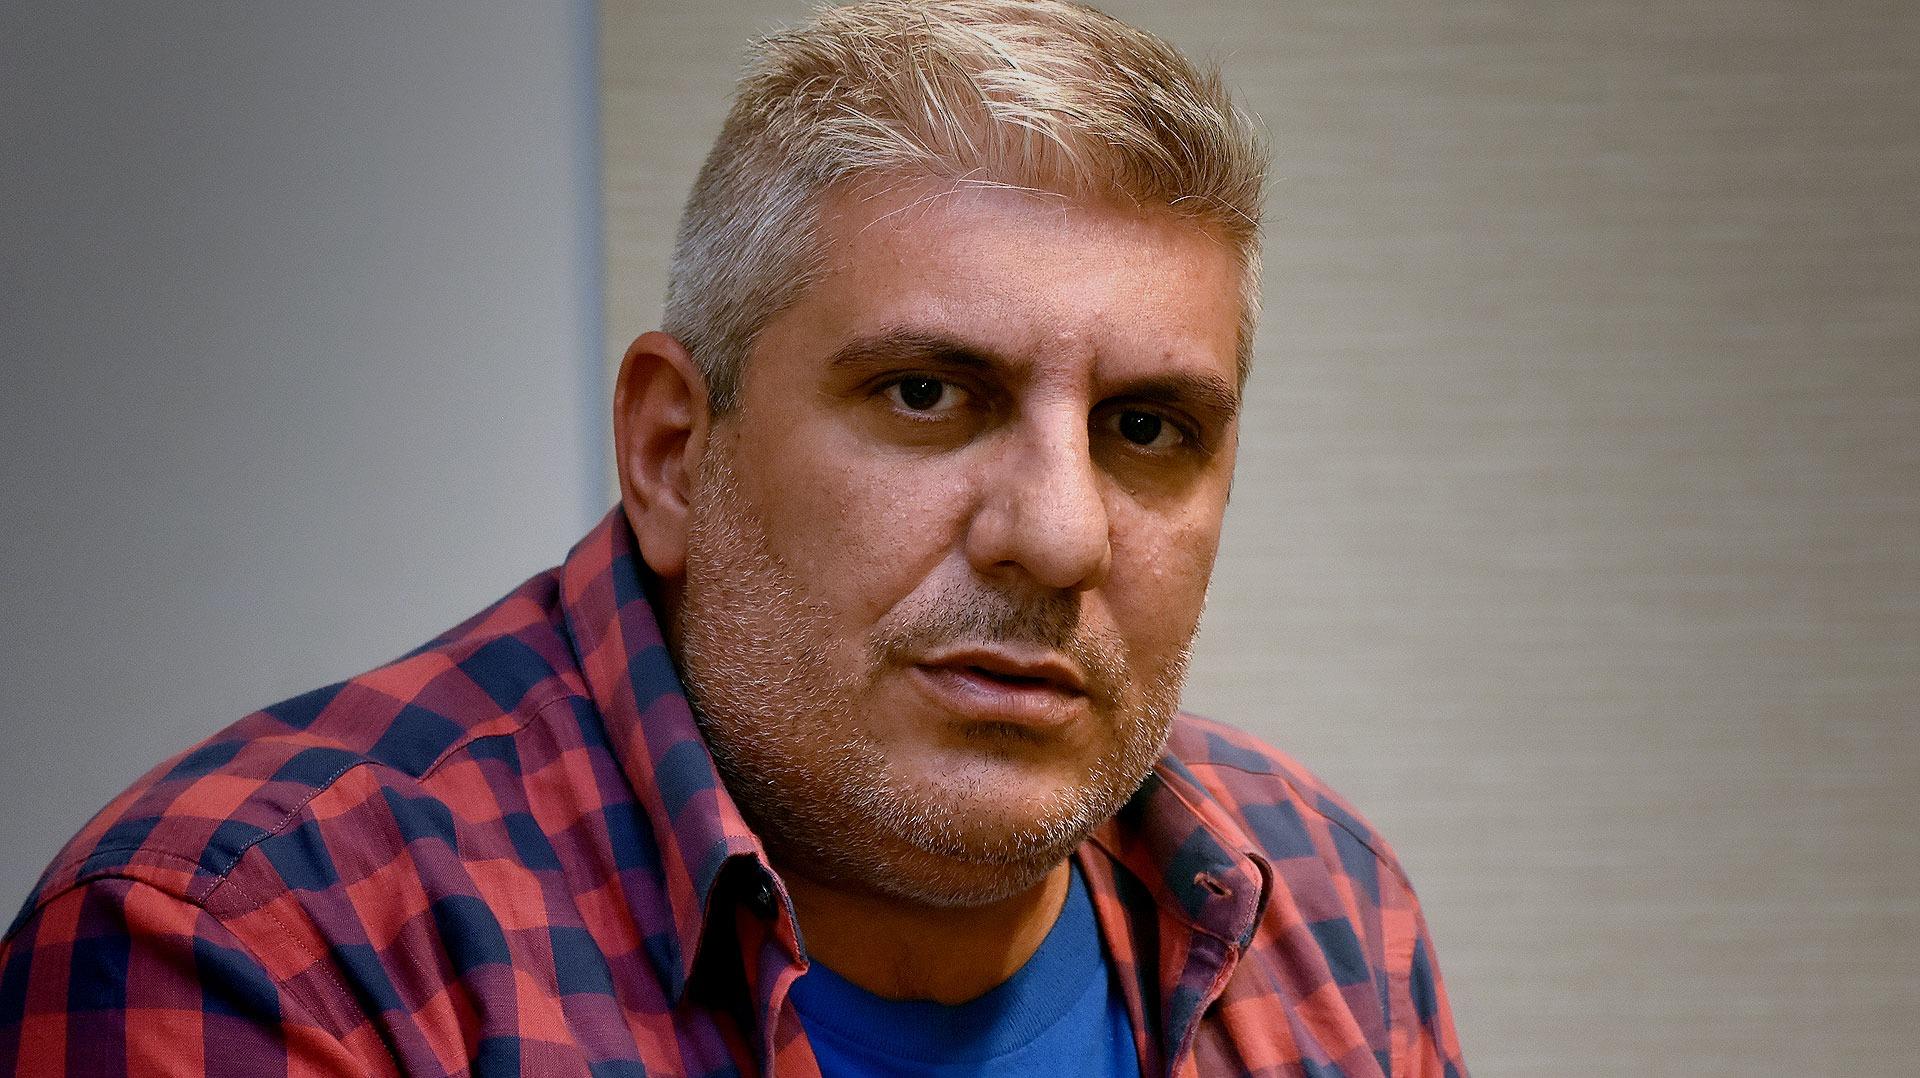 """Matías Bagnato contra la liberación de detenidos: """"Cada vez que sueltan a uno, vuelven a matar a nuestros seres queridos"""""""